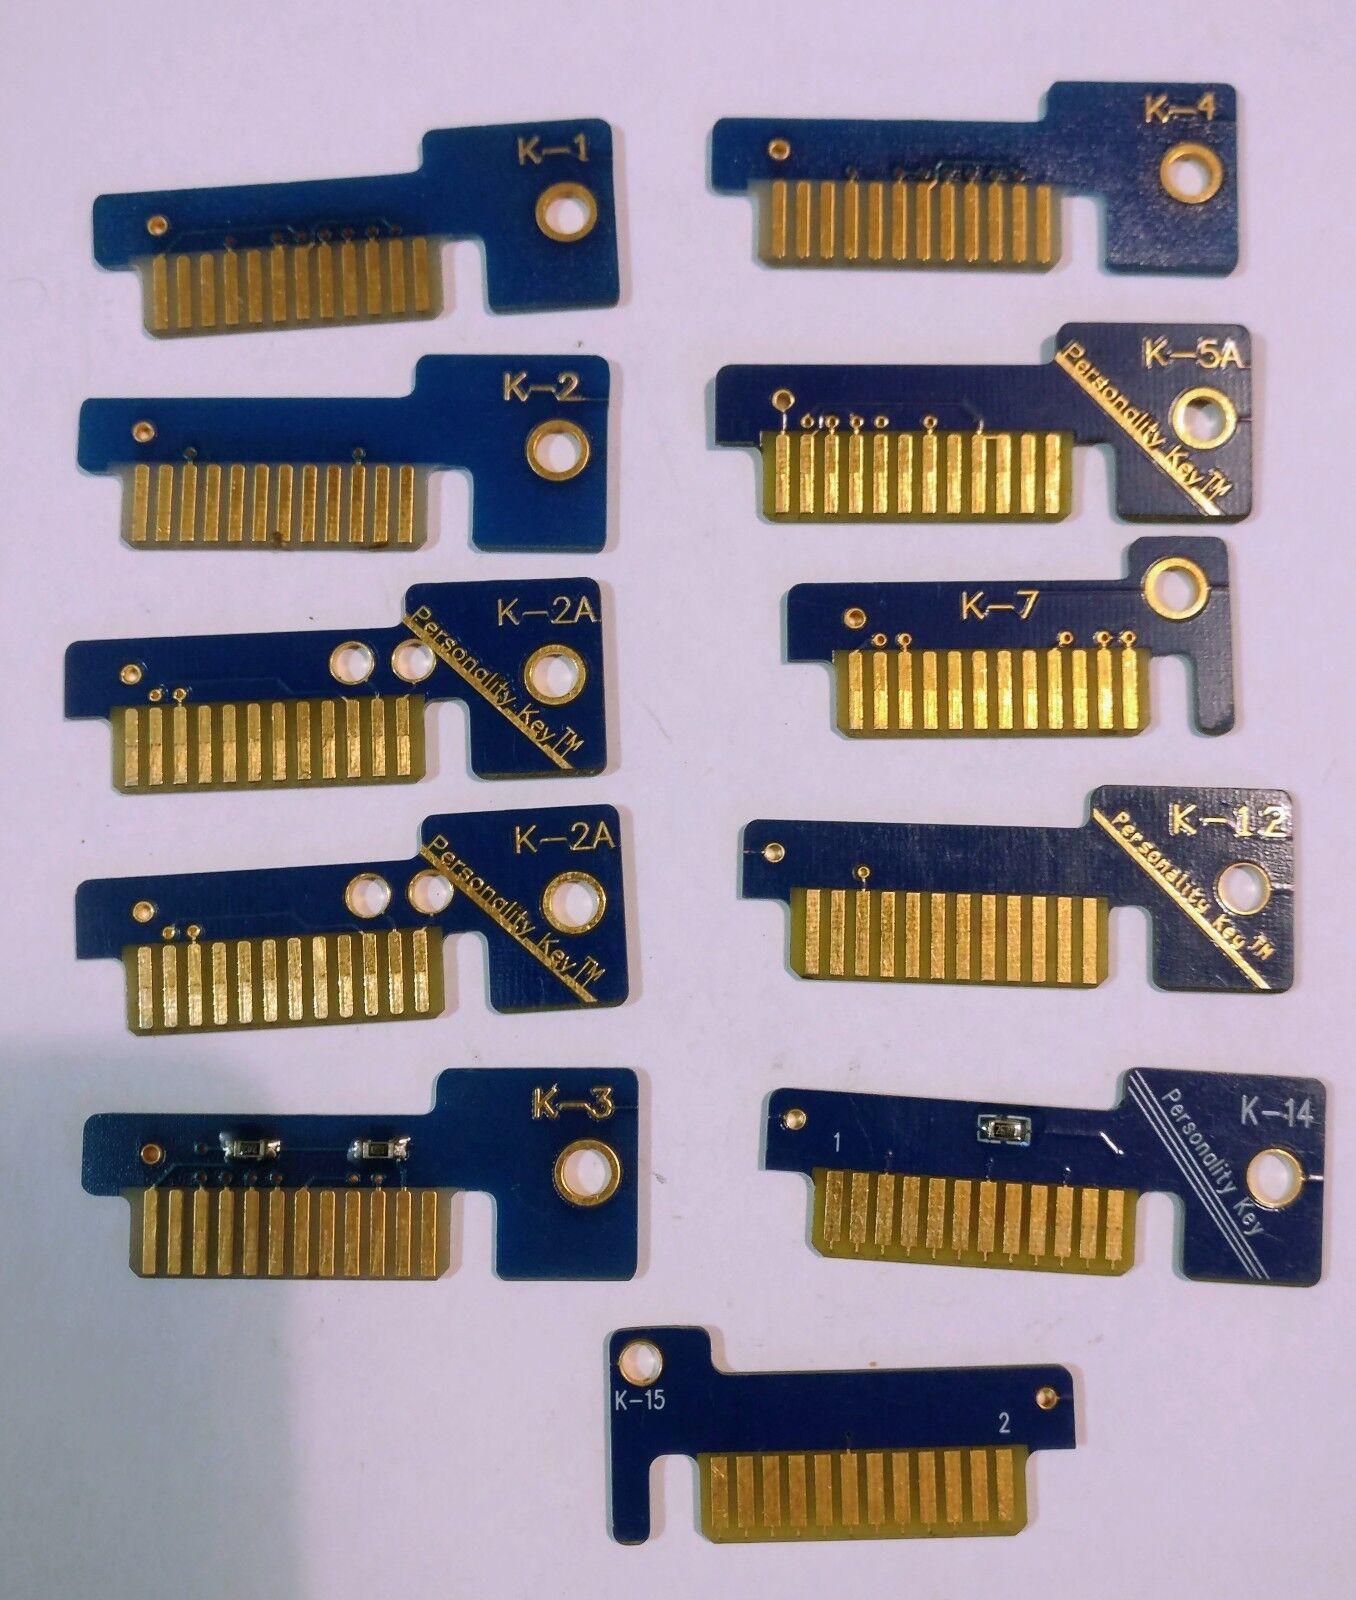 Snap on MT2500 personality keys K-1 K-2 K-2A K-3 K-4 K-5A K-7 K-12 K-14 K-15